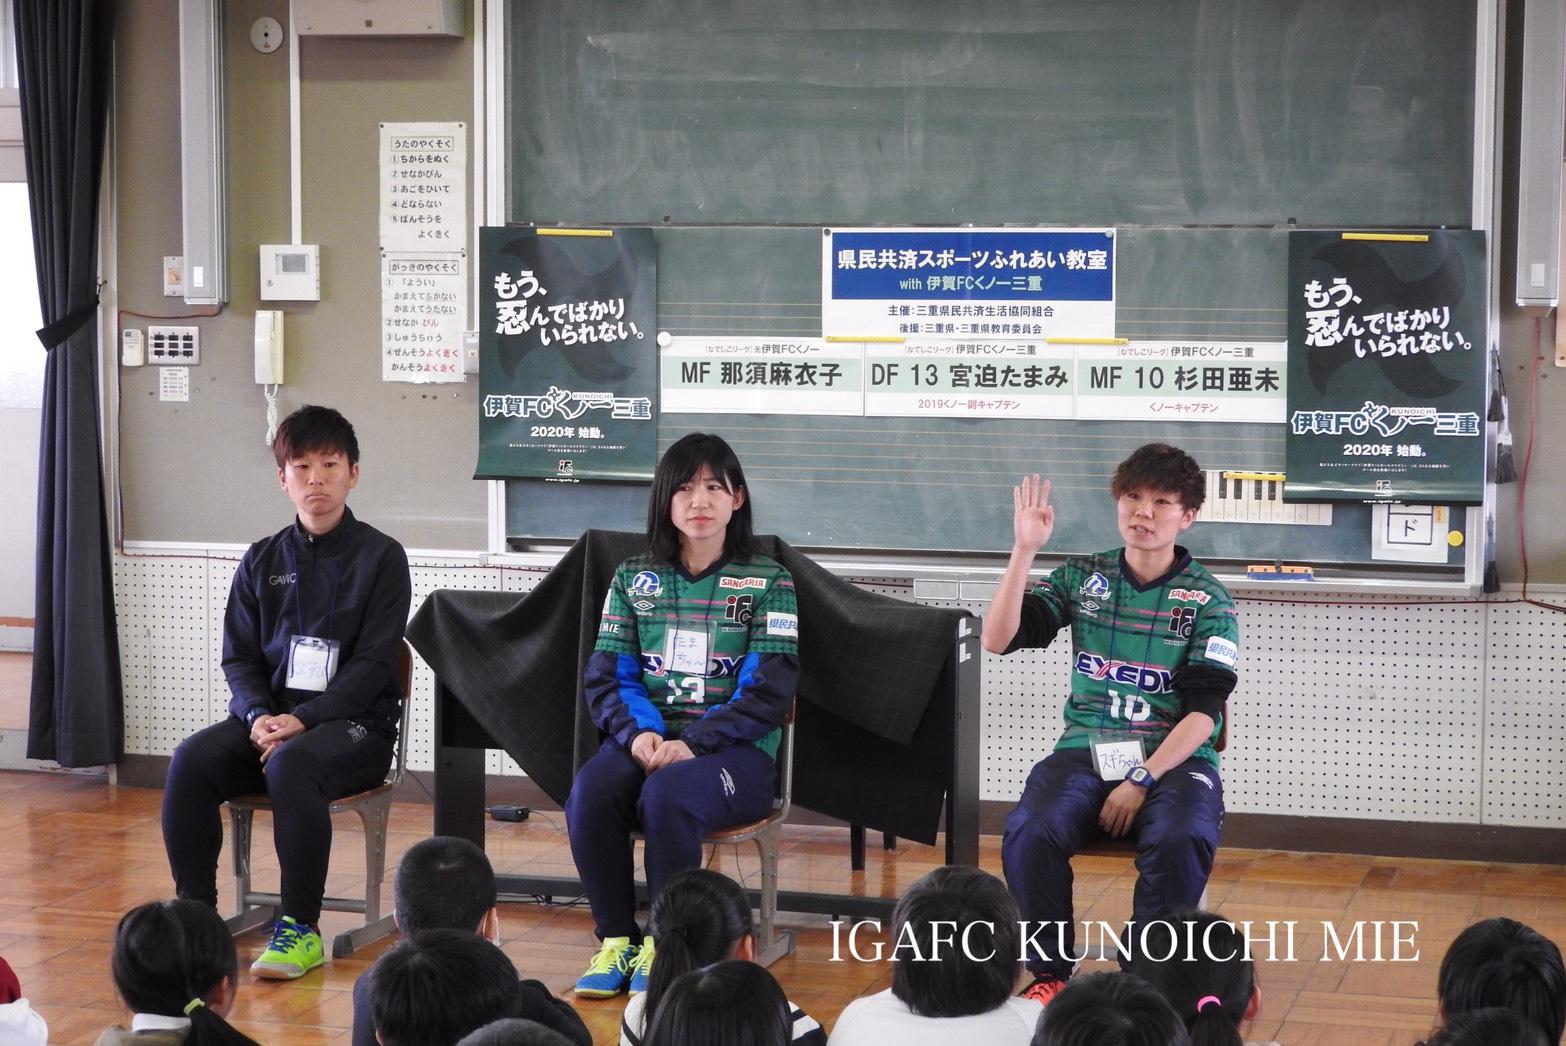 三重県民共済様主催のスポーツふれあい教室に行ってきました。